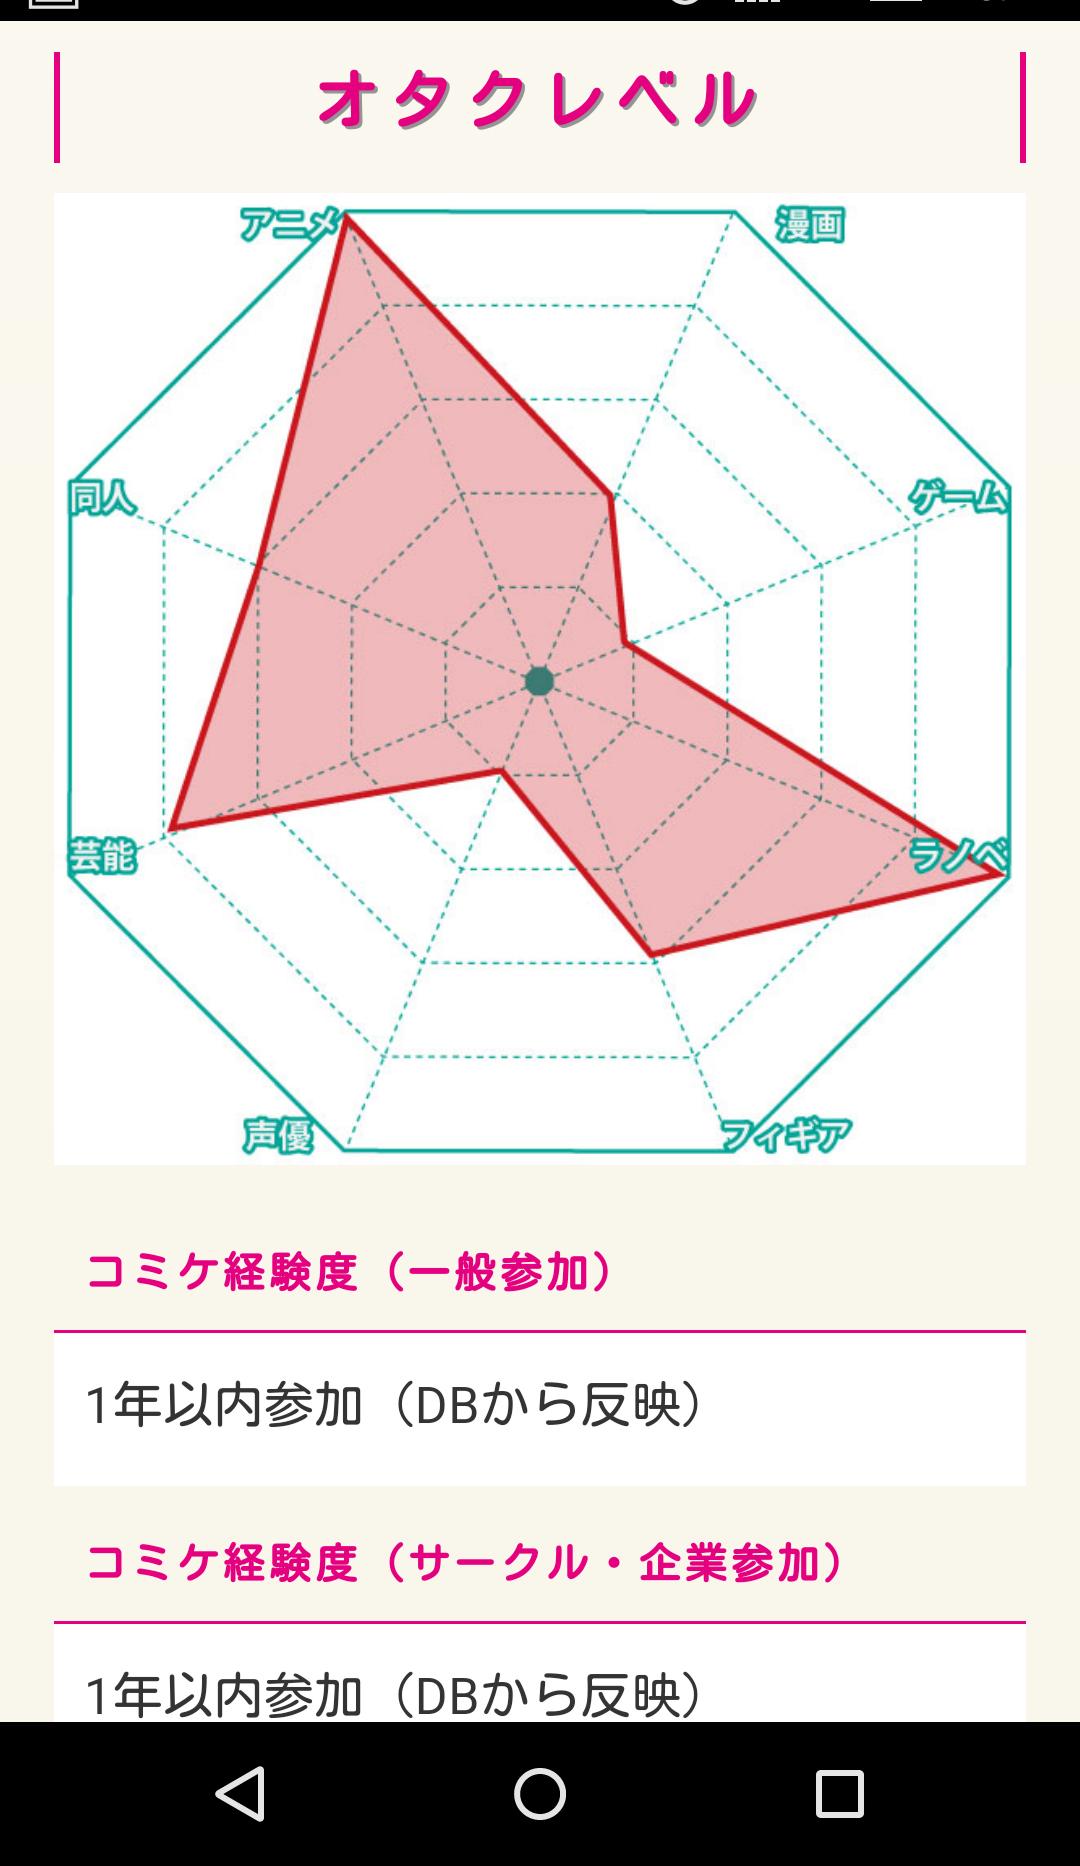 オタクレベルのレーダーチャート。 ©株式会社シーエージェント